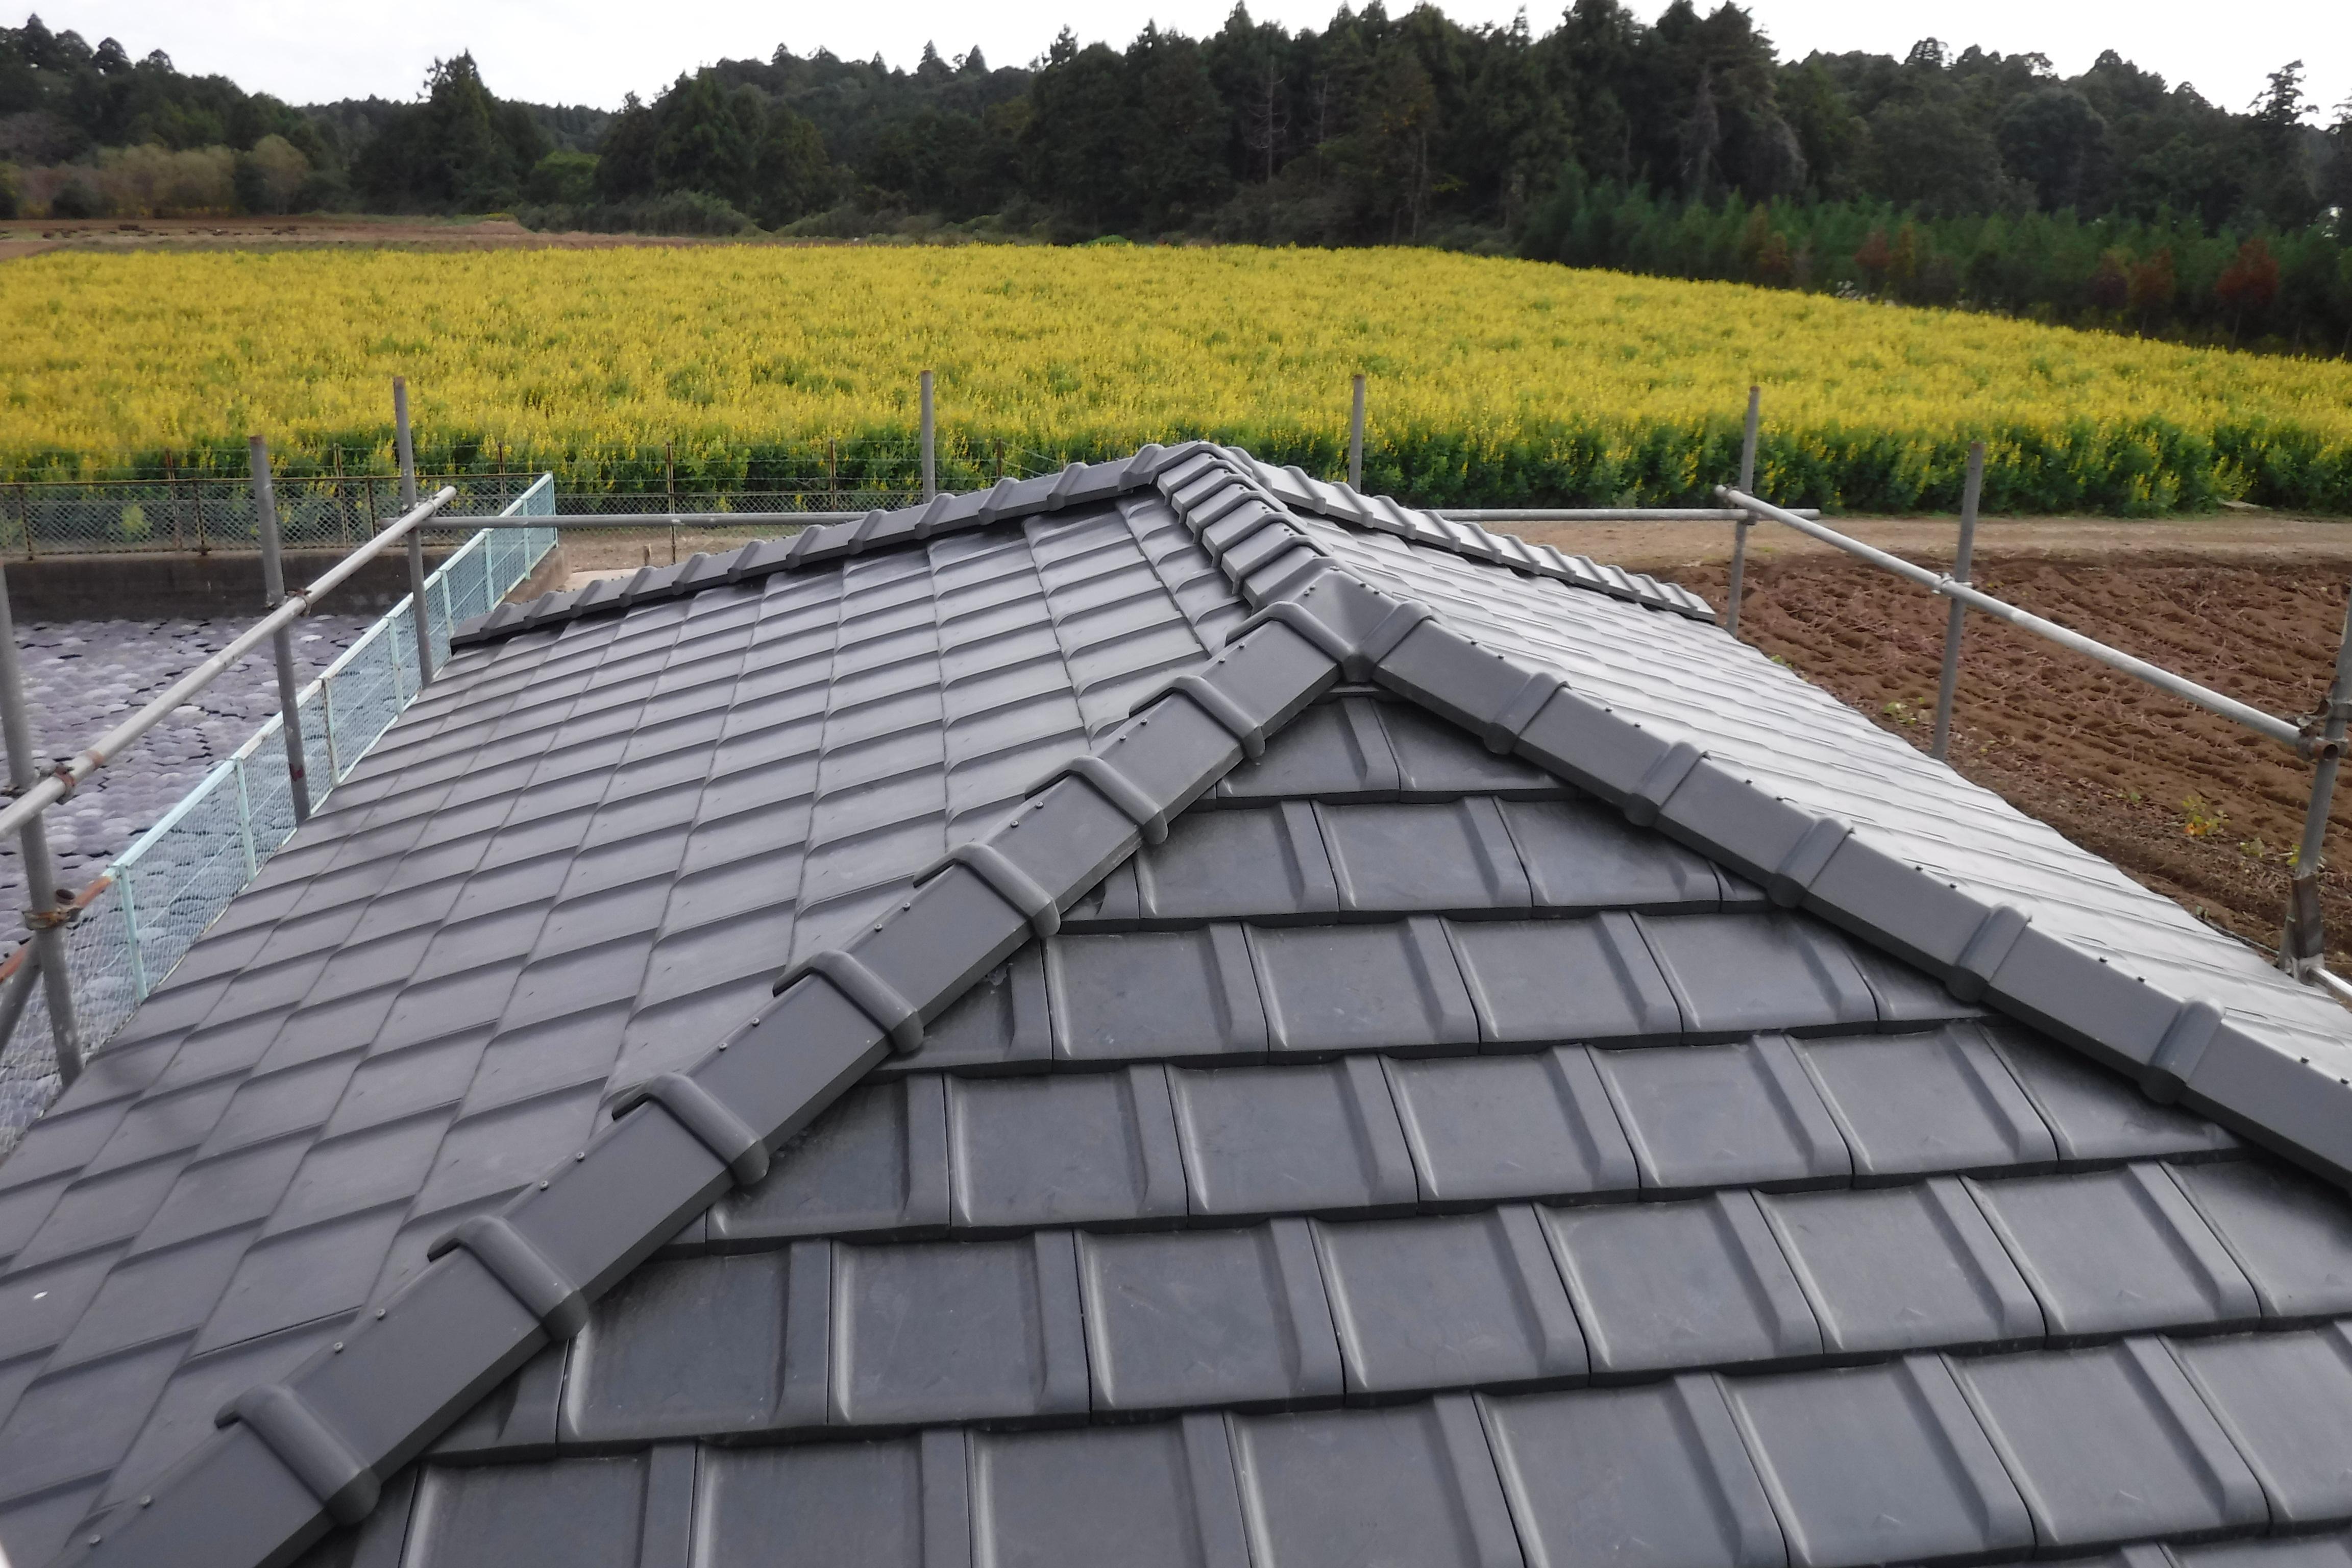 セメント瓦の寿命が来たら三州防災瓦の屋根へ葺き替え|成田市|加藤瓦店